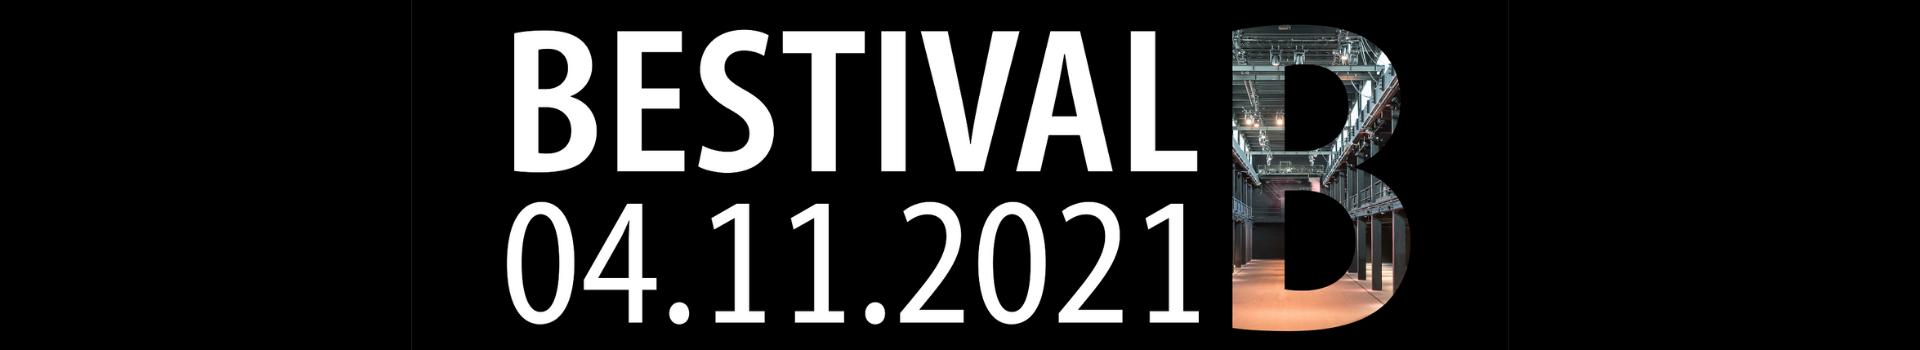 Header-Bild für BESTIVAL 2021